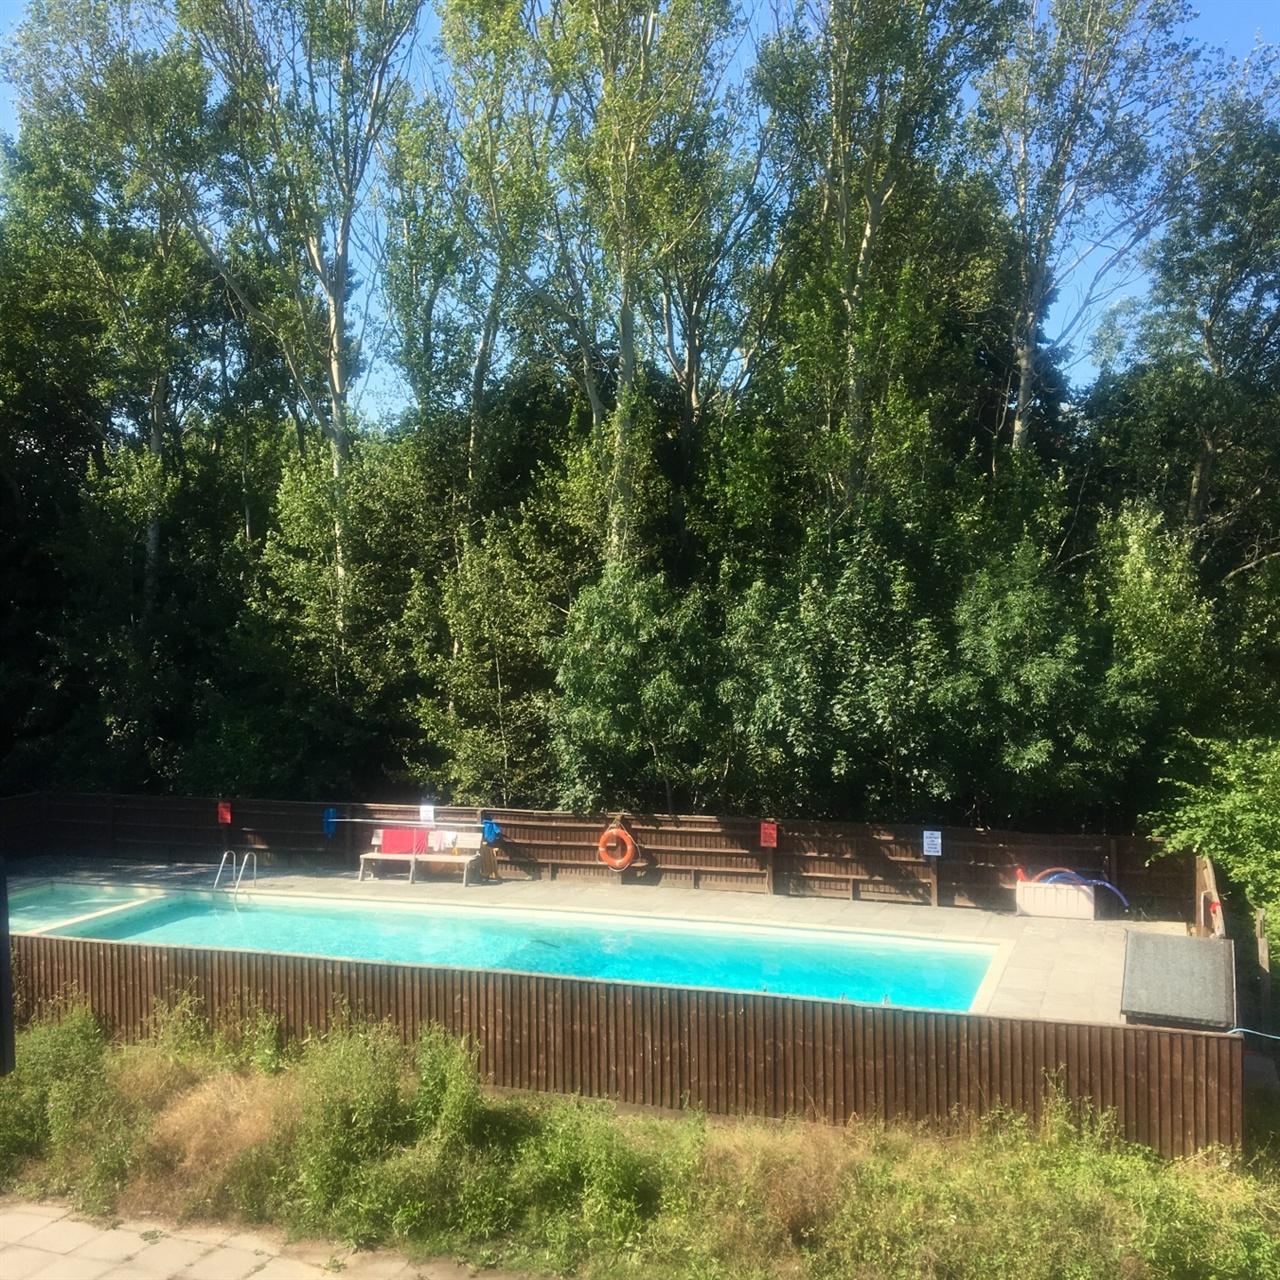 체험기간동안 방문자들이 수영장 규칙을 8개나 어겨서 긴급회의가 소집되었다.